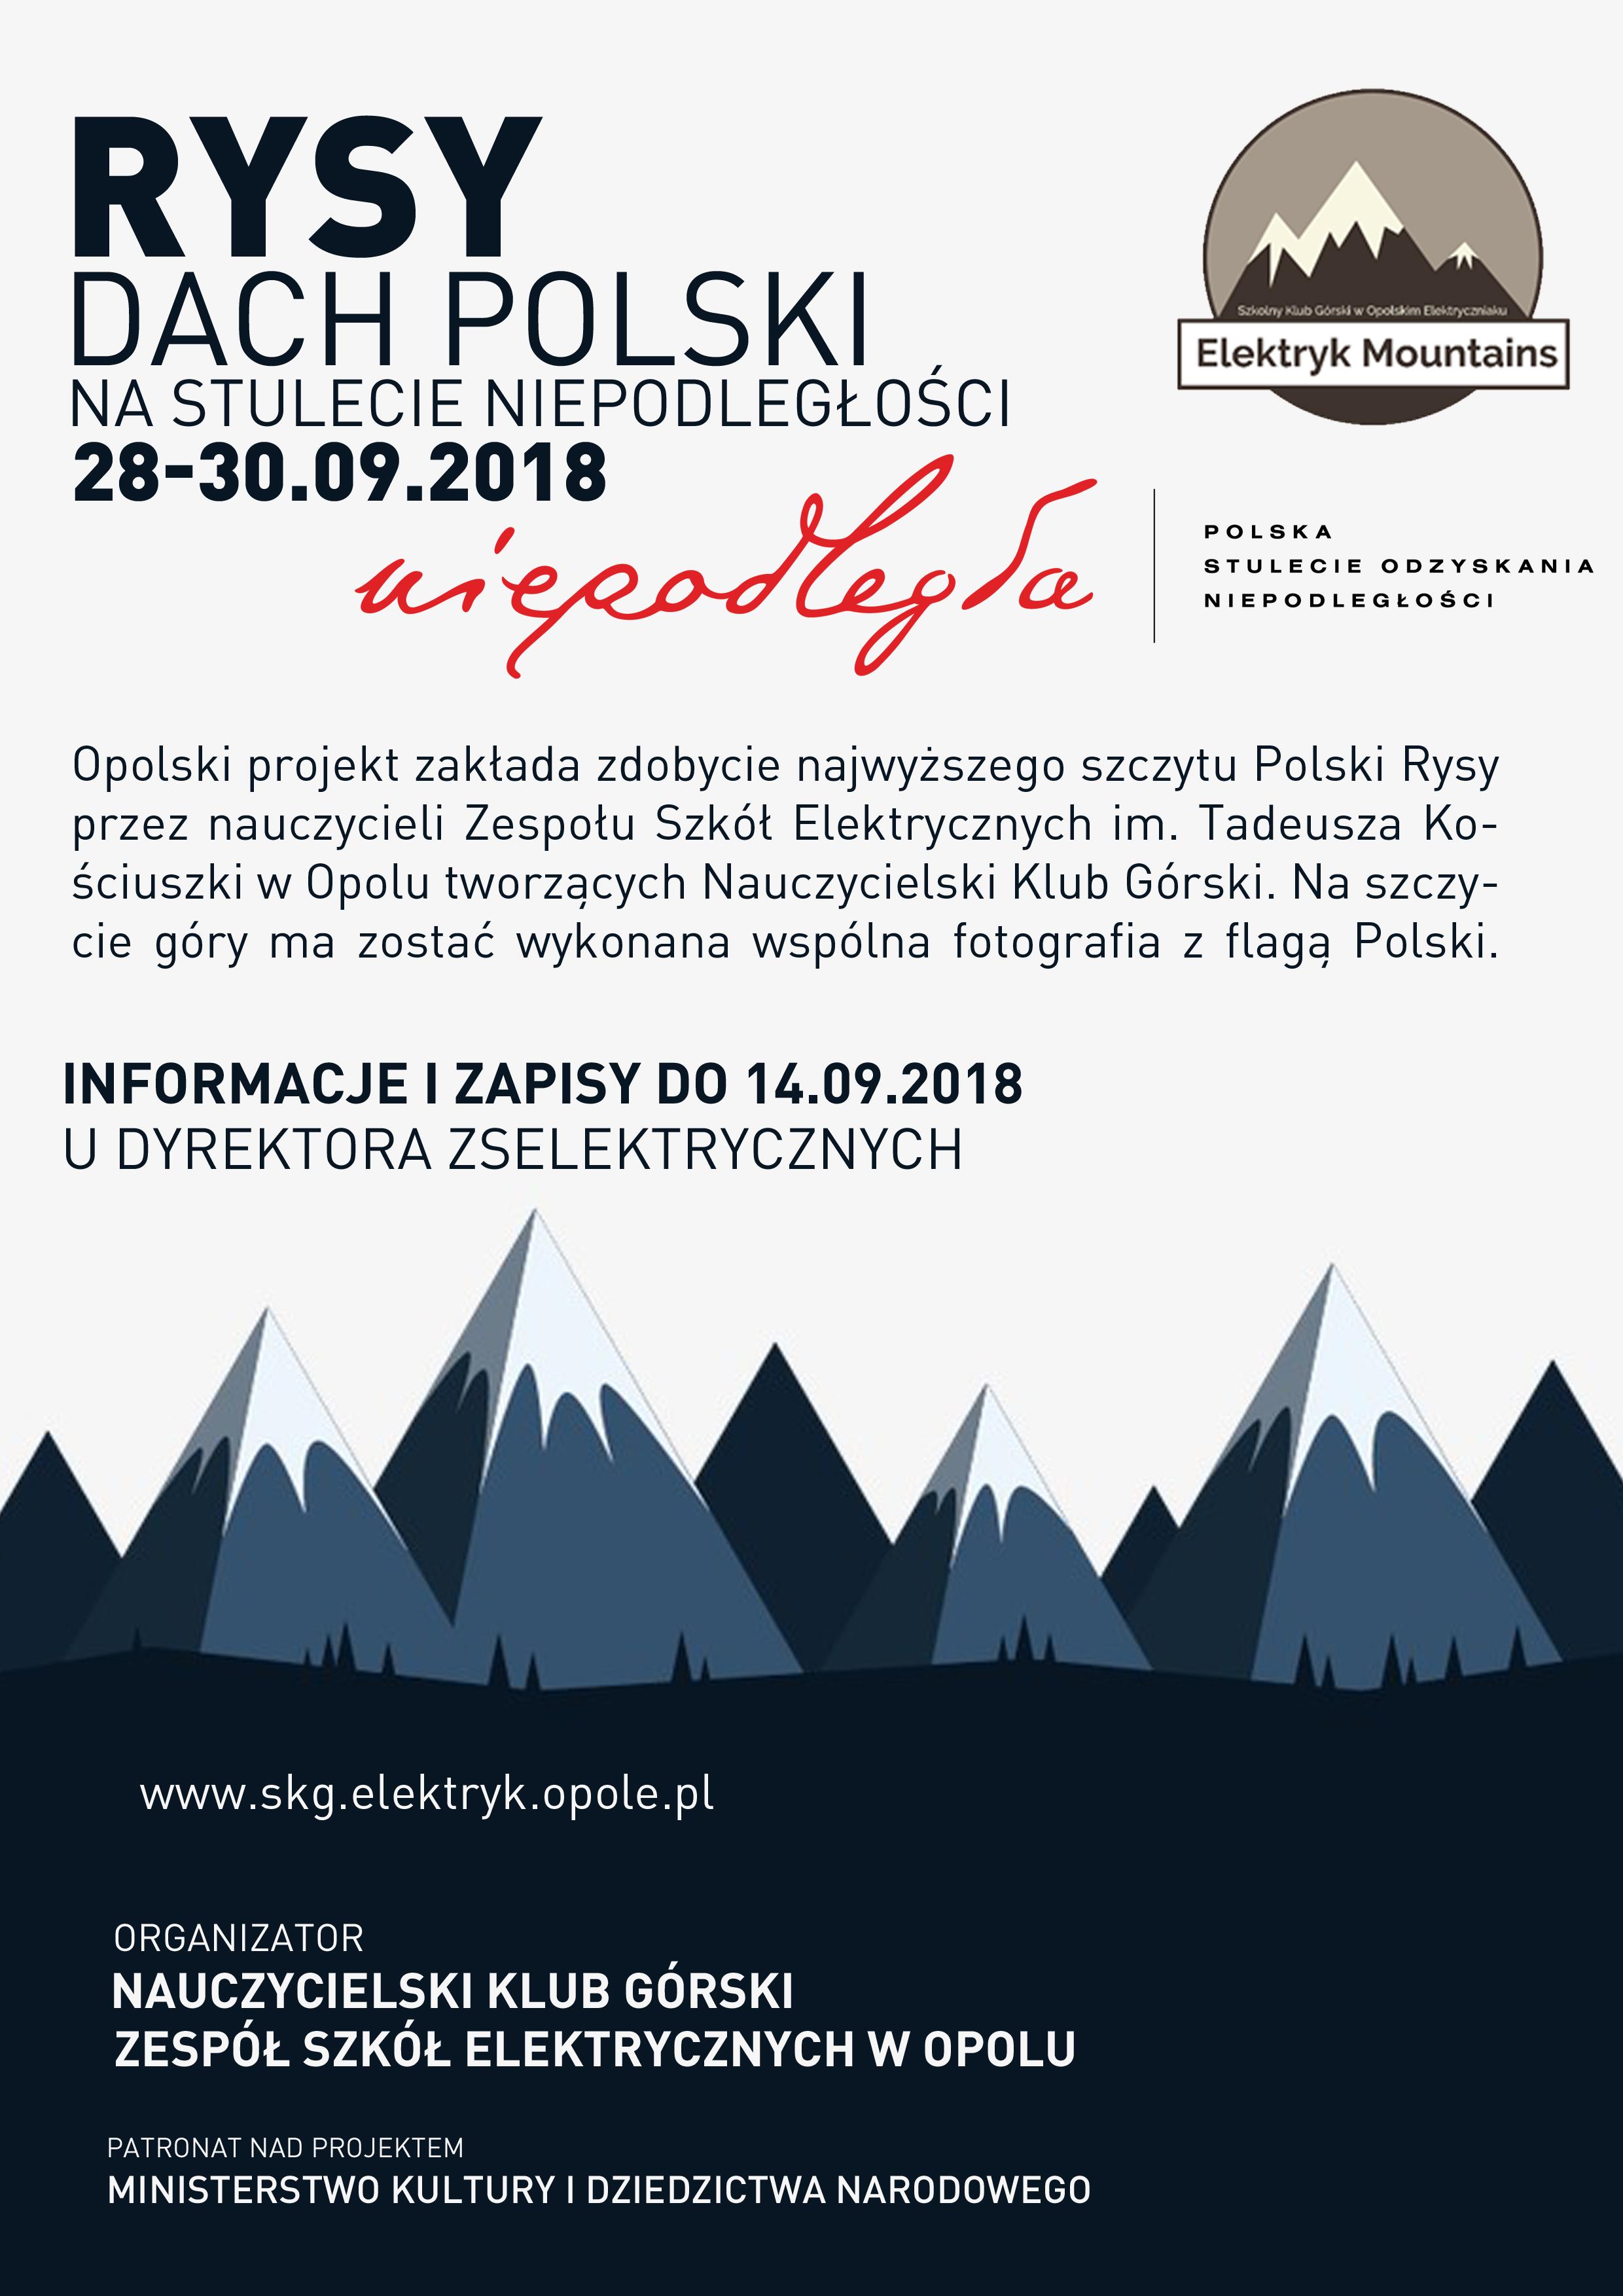 Plakat Dach Polski (Rysy) na Stulecie Niepodległości